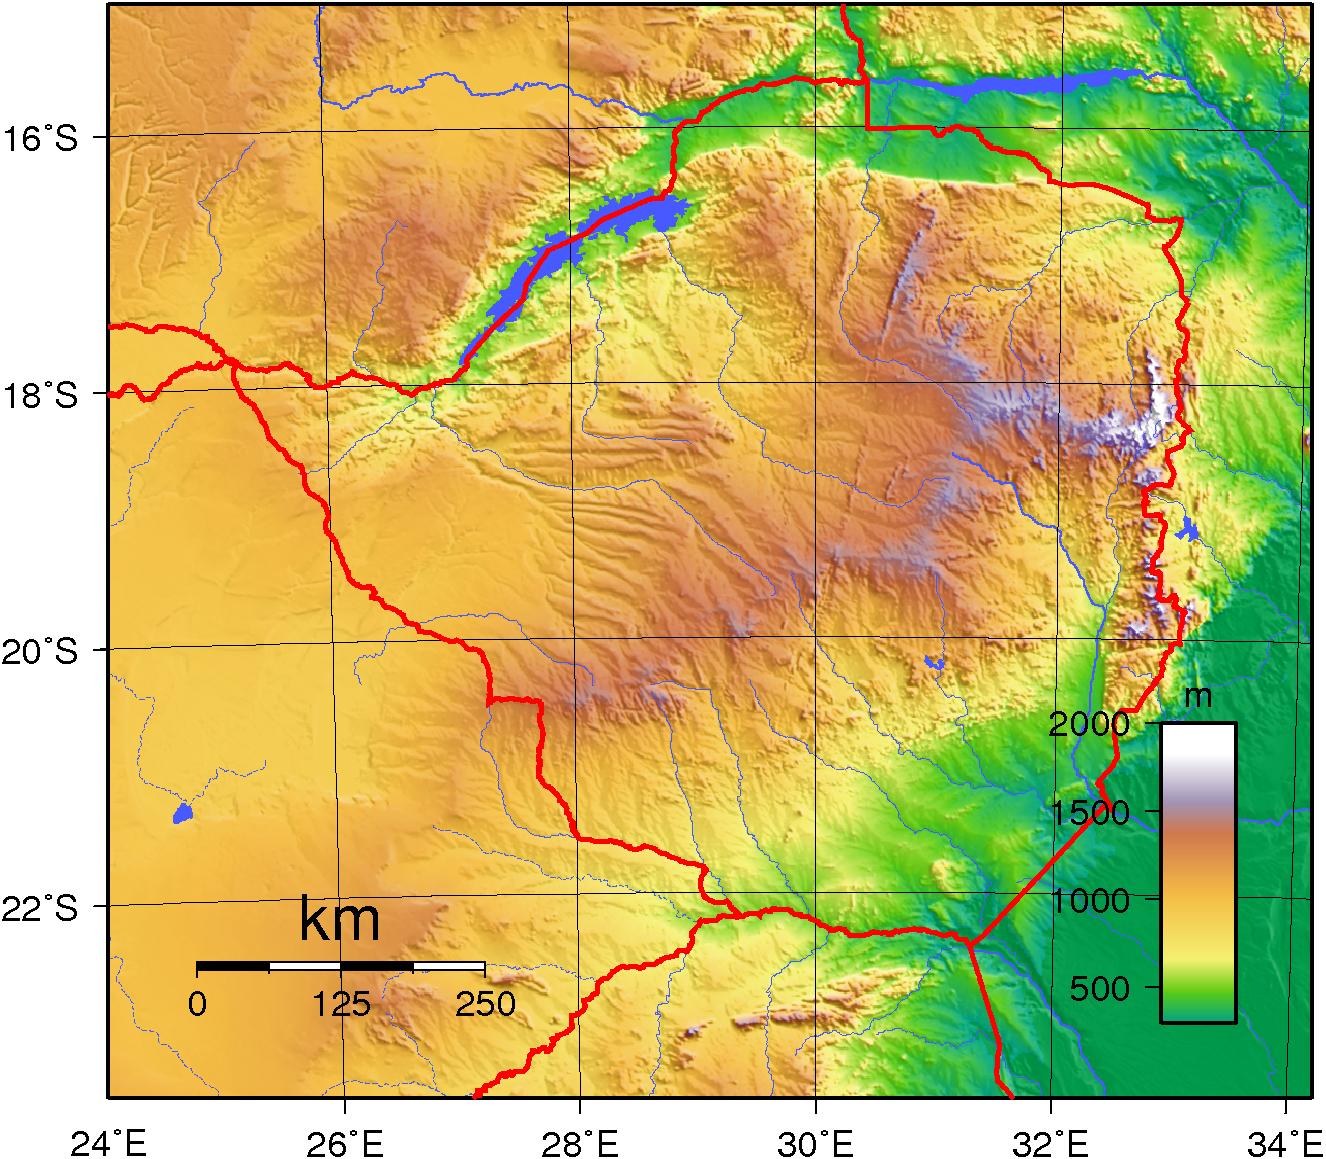 Image:Zimbabwe Topography